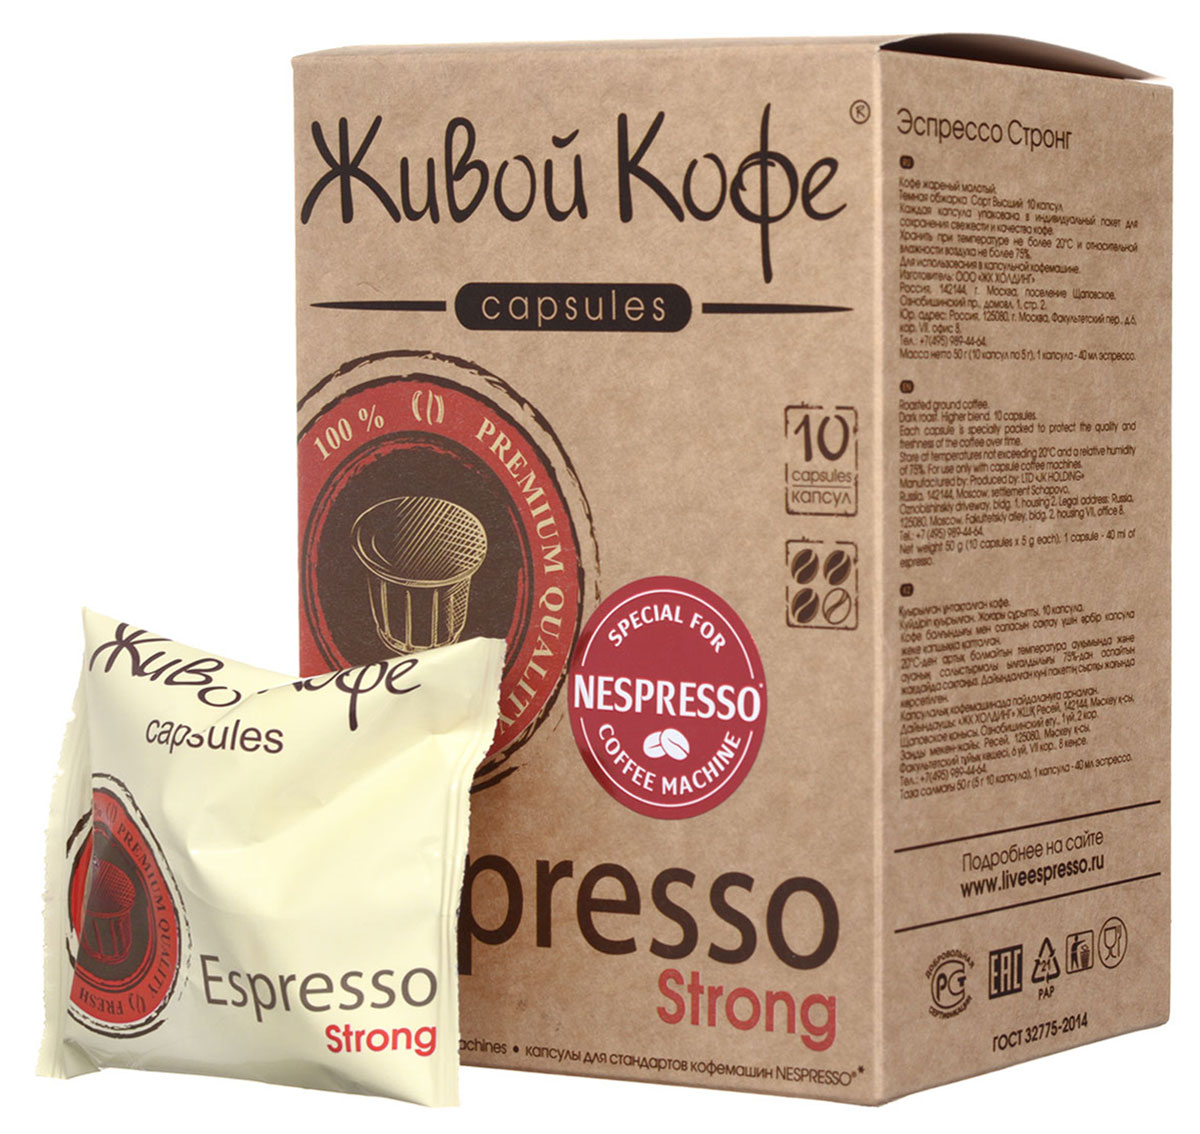 Живой Кофе Espresso Strong кофе в капсулах (индивидуальная упаковка), 10 штУПП00003276Живой Кофе Espresso Strong - натуральный молотый кофе темной обжарки в капсулах. Крепкий и бодрящий напиток имеет сбалансированный вкус с нотками горького шоколада.Каждая капсула упакована в индивидуальный пакет для сохранения свежести и качества кофе. Благодаря авторской технологии обжарки группы компаний Сафари кофе, напиток сохраняет свои уникальные свойства, заложенные самой природой.